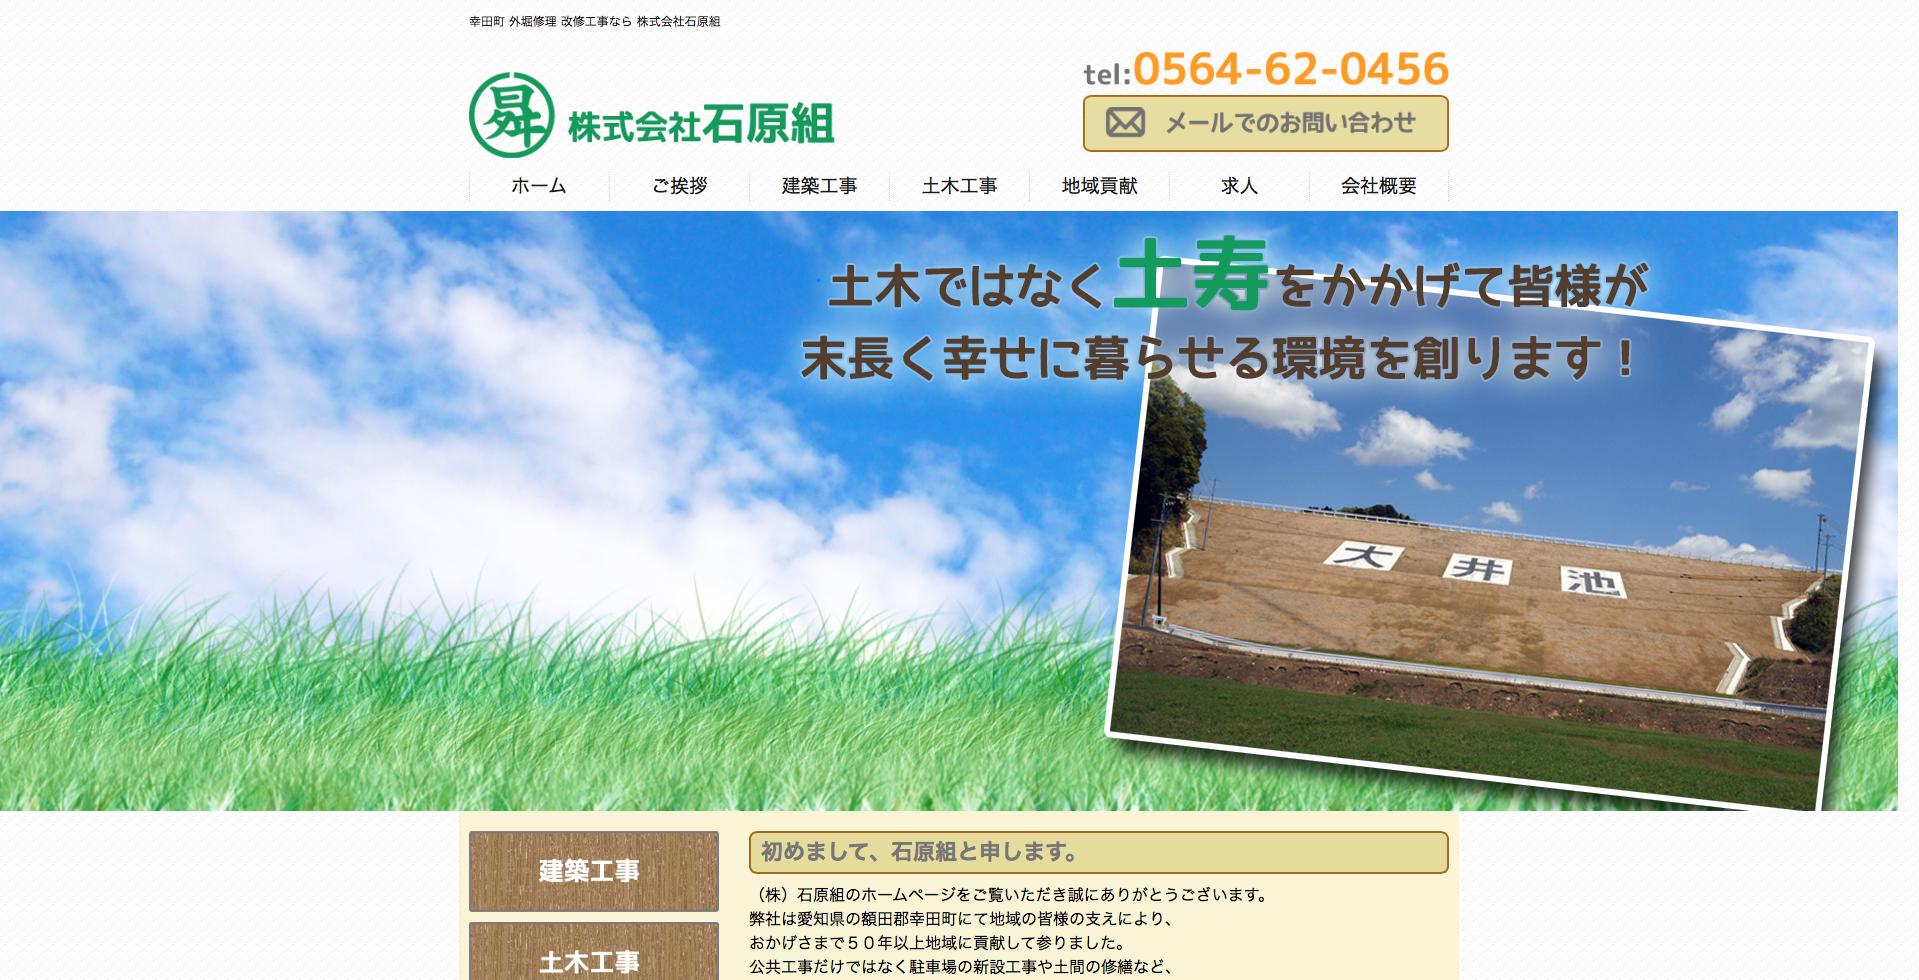 額田郡 株式会社石原組様